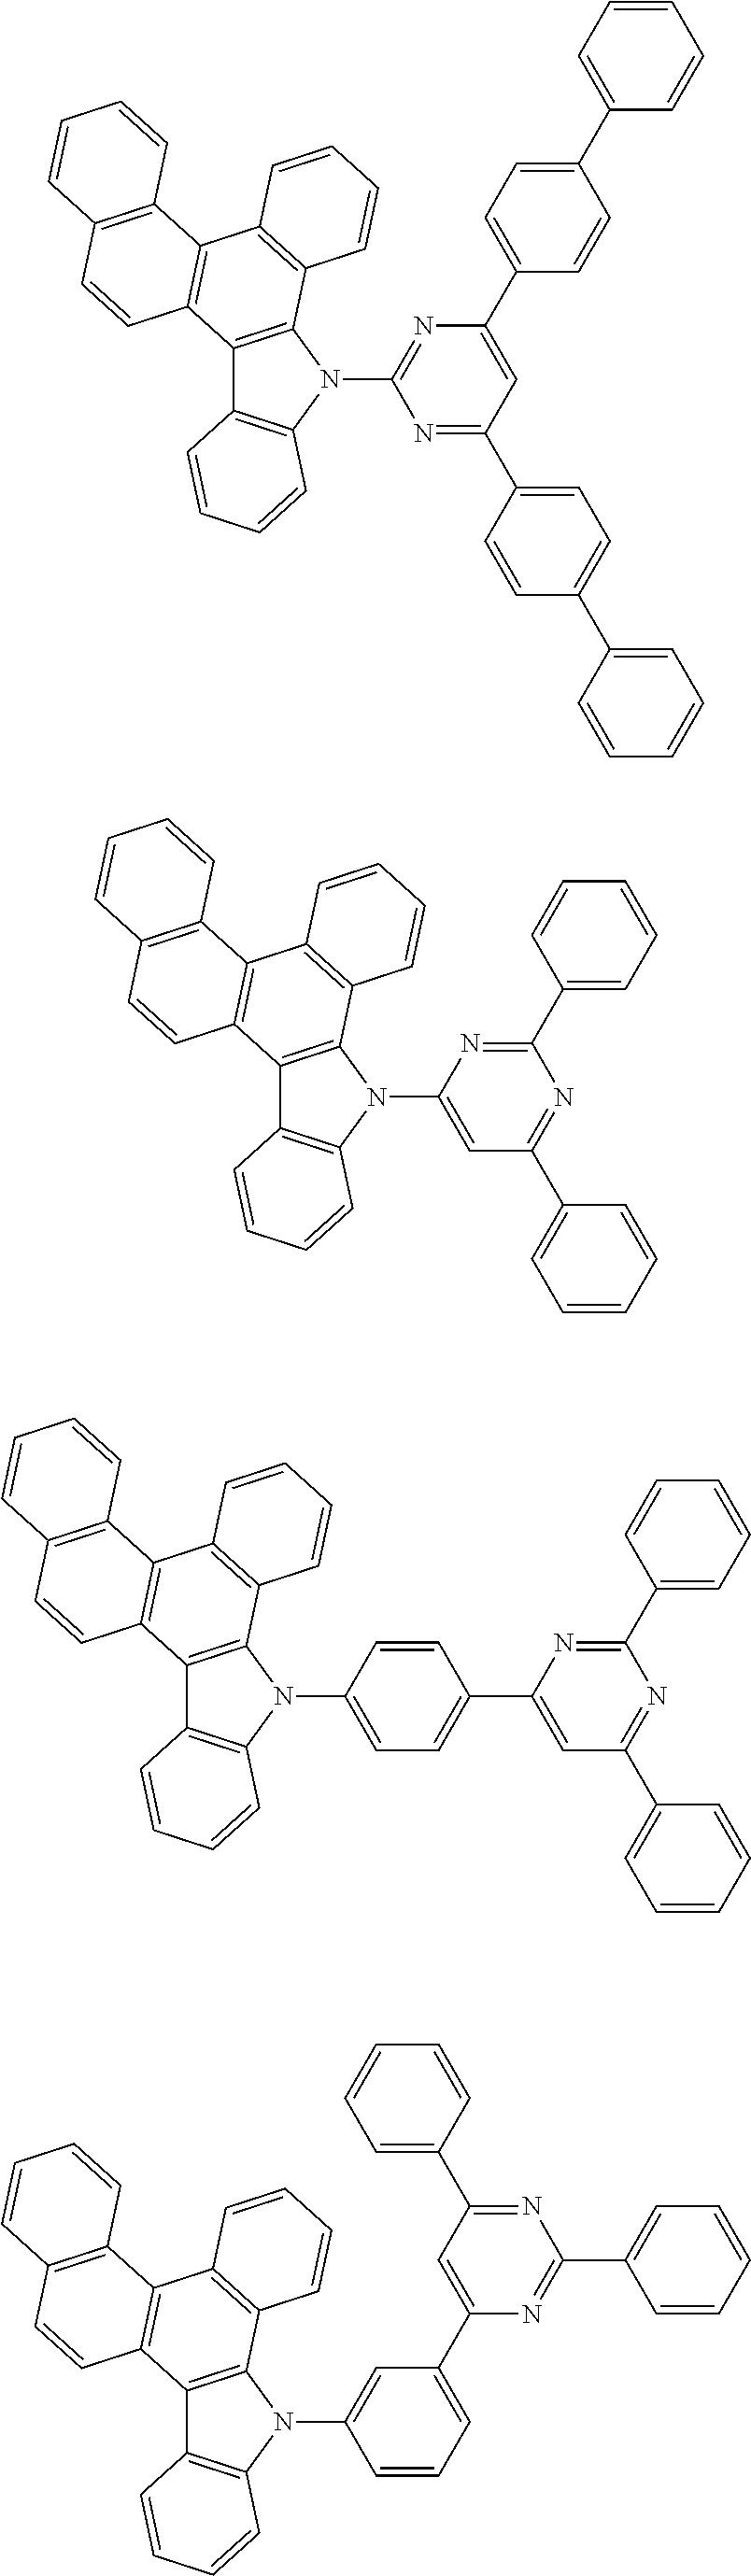 Figure US09837615-20171205-C00075